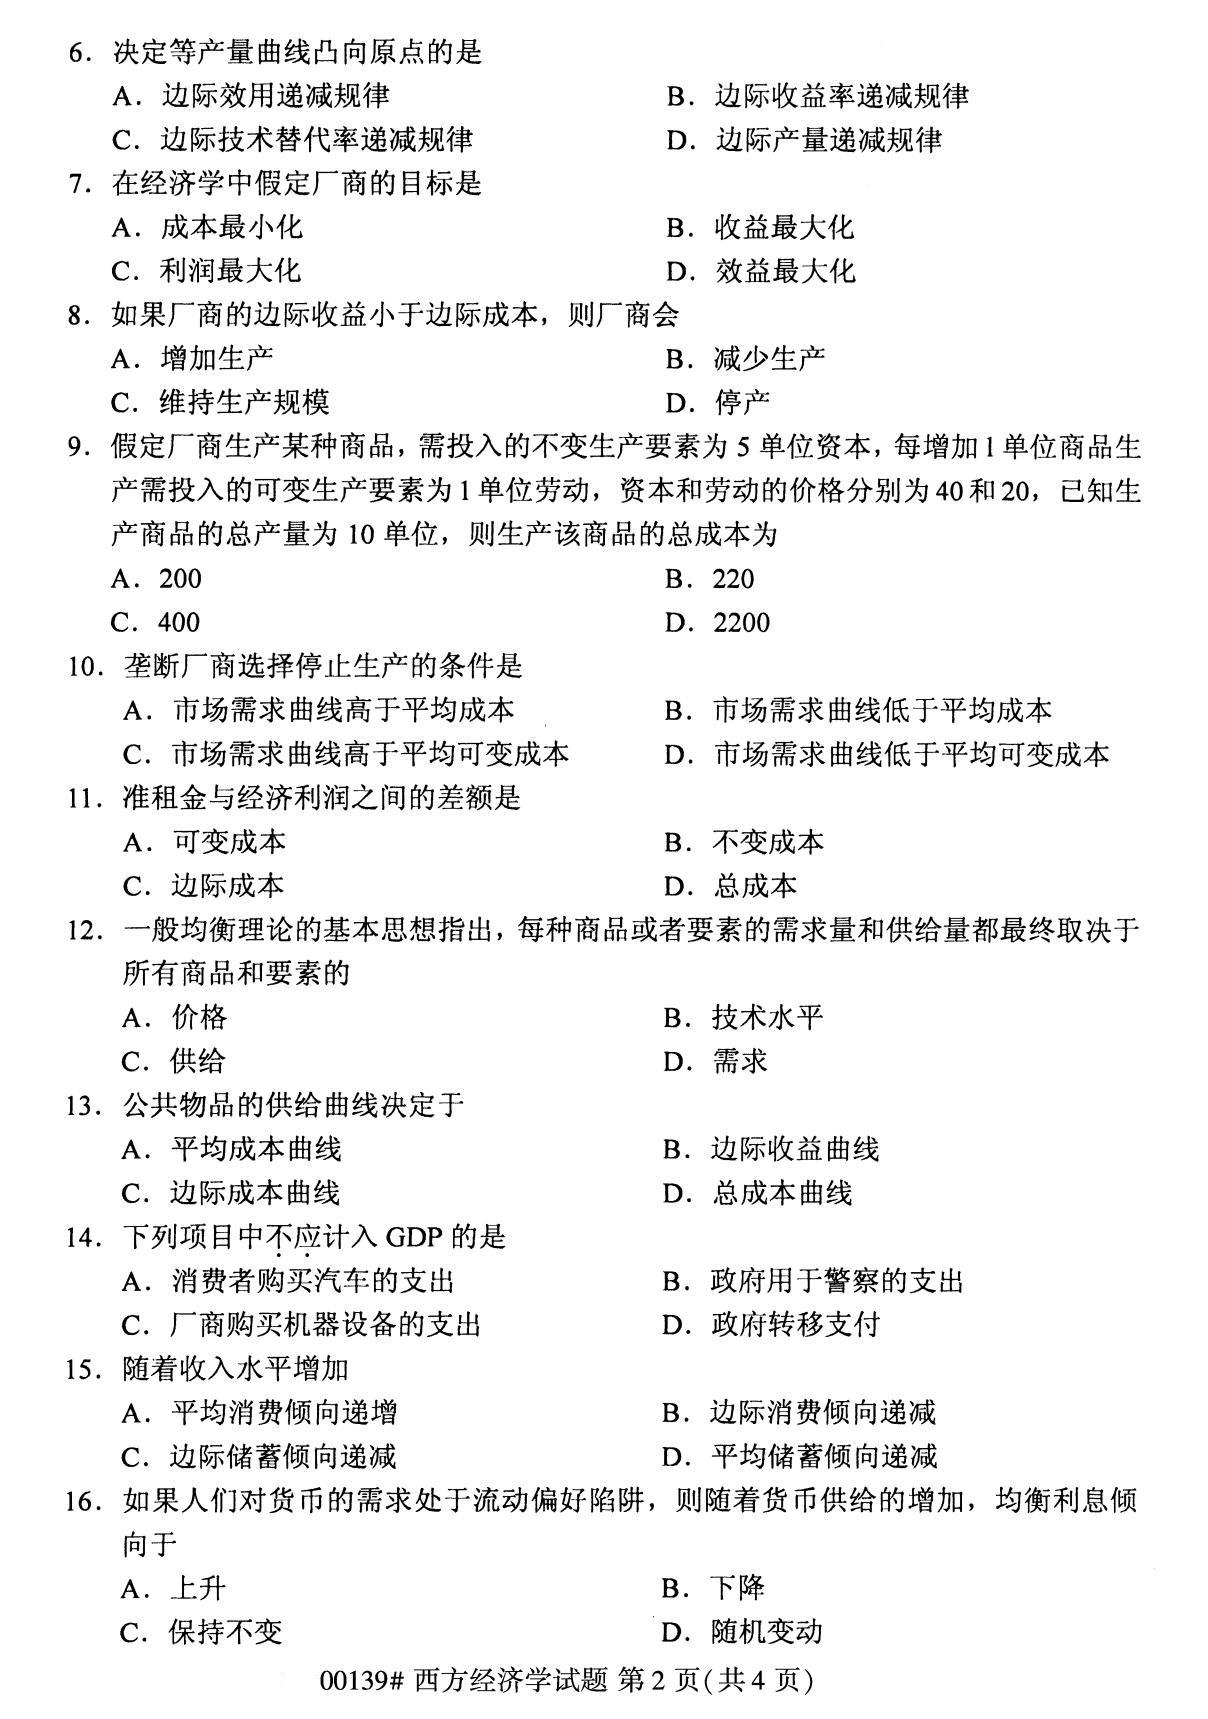 浙江自考本科:2020年8月自考00139西方经济学试题2